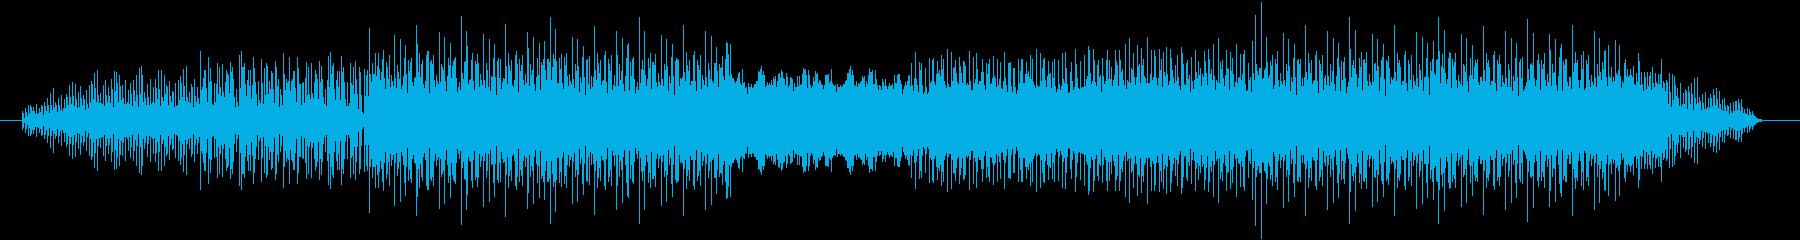 フィールド(森)をイメージして制作した…の再生済みの波形